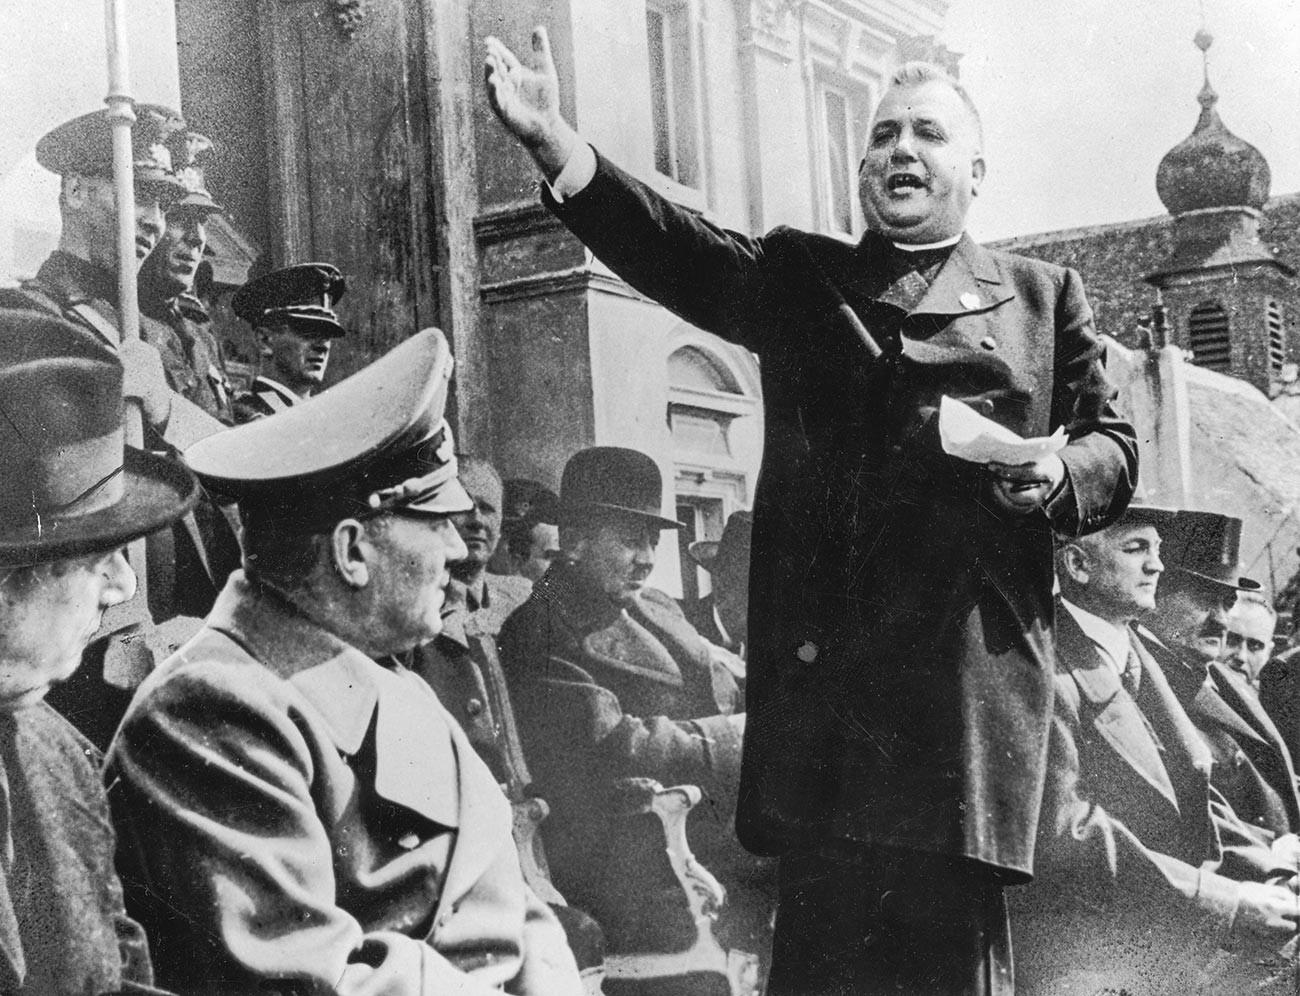 Slovaški duhovnik in politik Jozef Tiso (1887-1947) pozdravlja nemške okupatorje leta 1939.